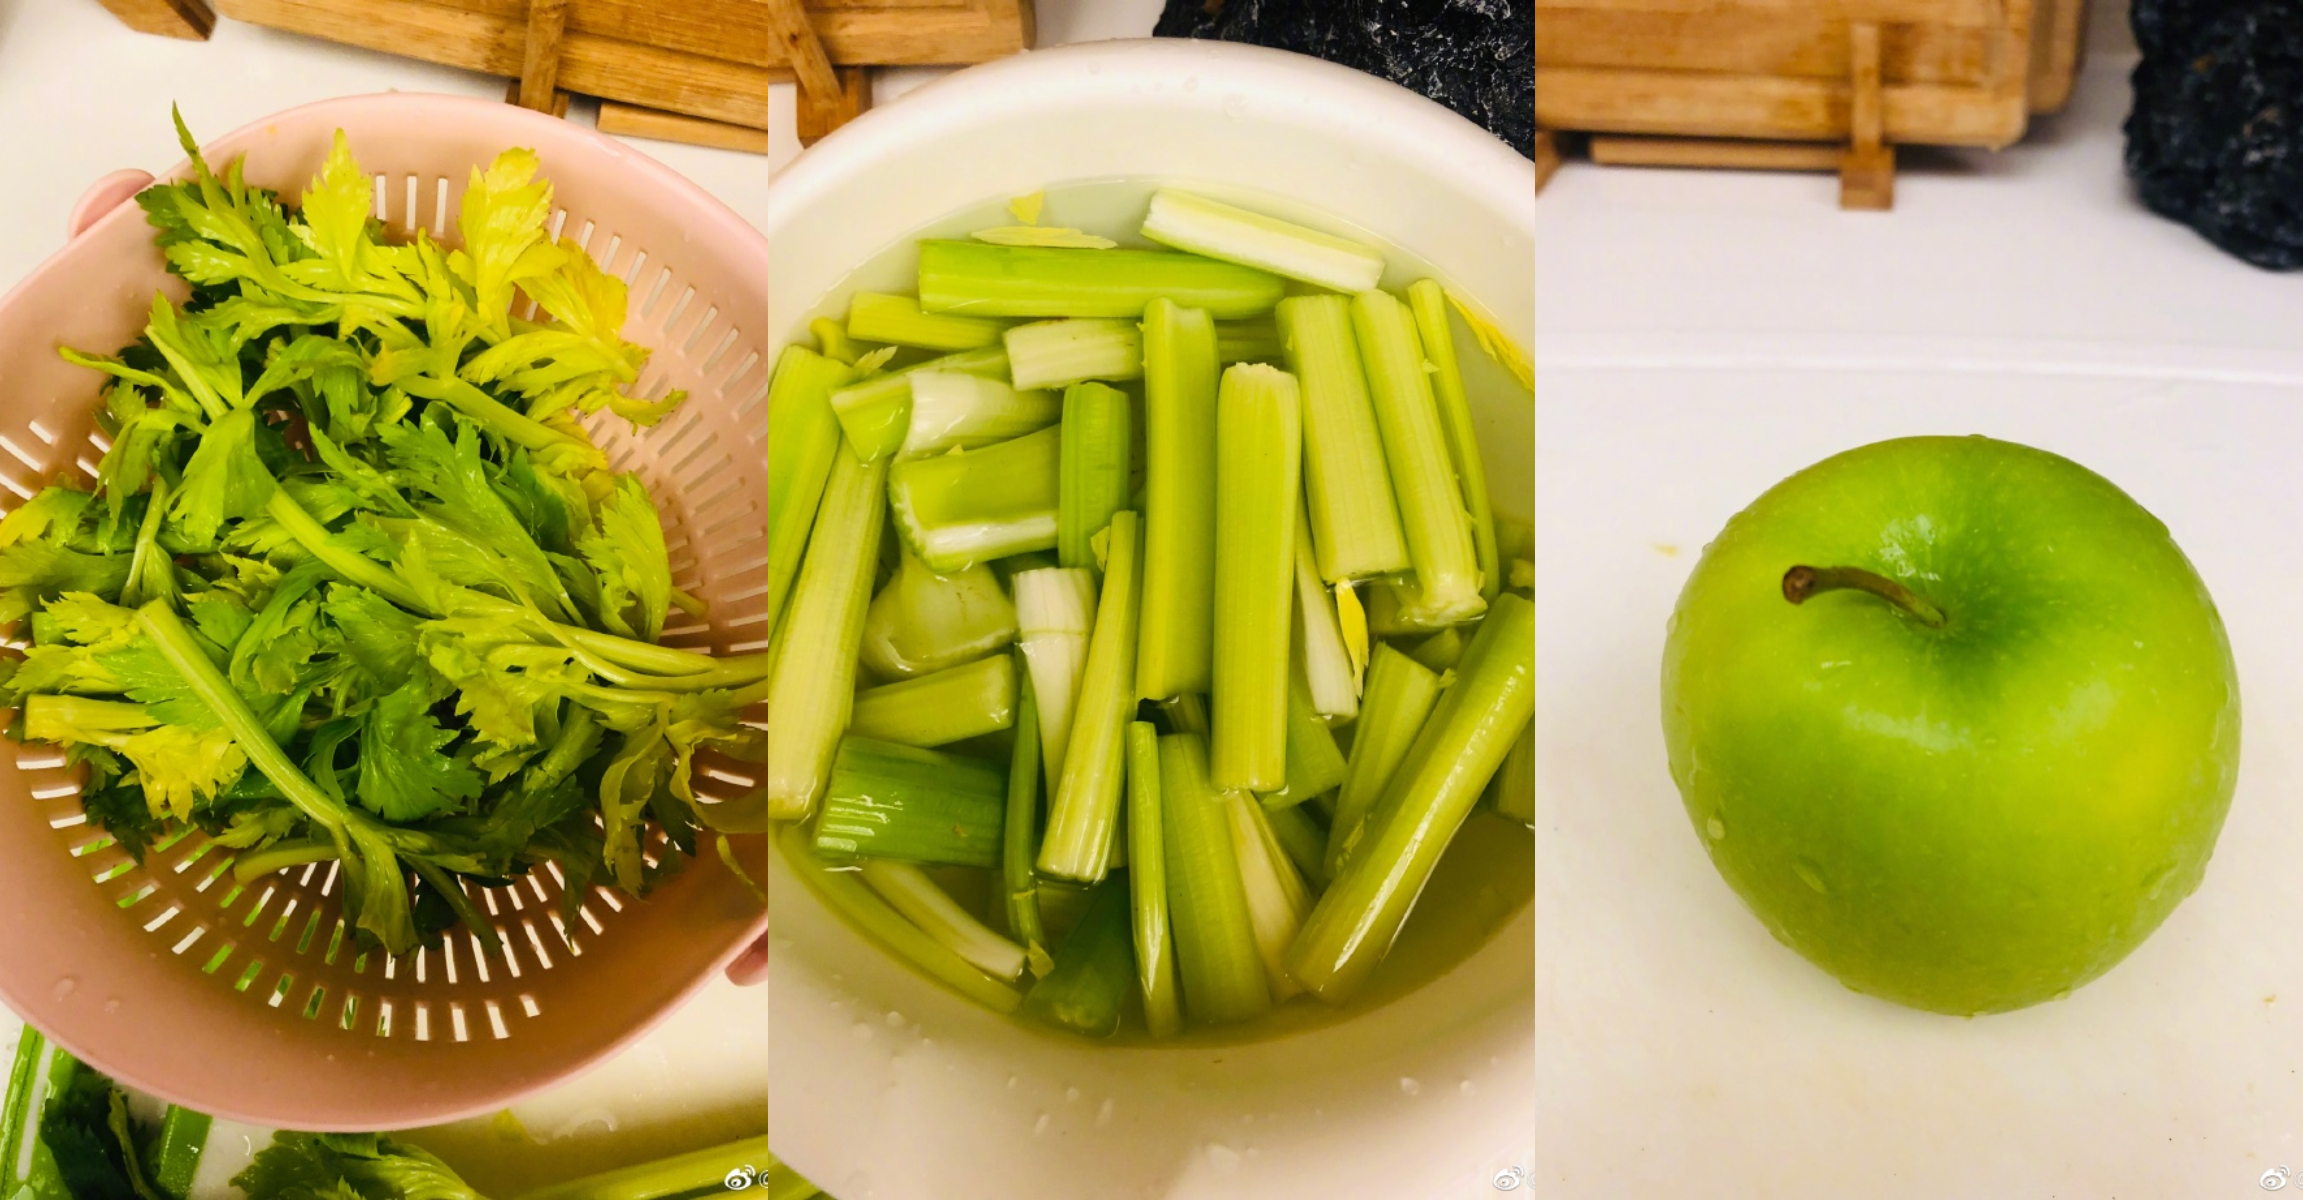 西洋芹菜加青蘋果汁的綜合體不僅可以降血壓及排毒,喝下去更是備感神清氣爽